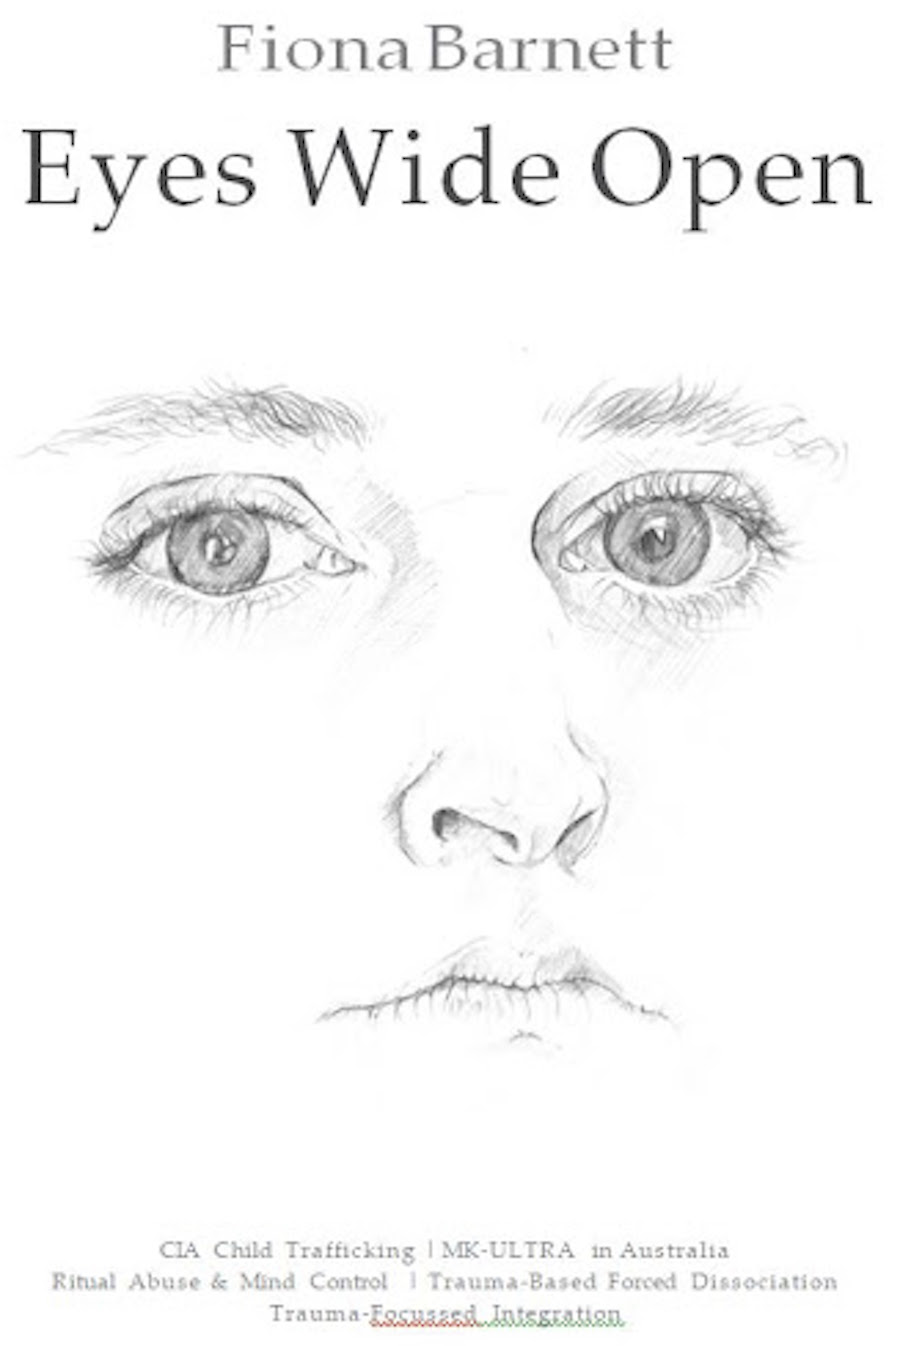 fiona barnett eyes wide open